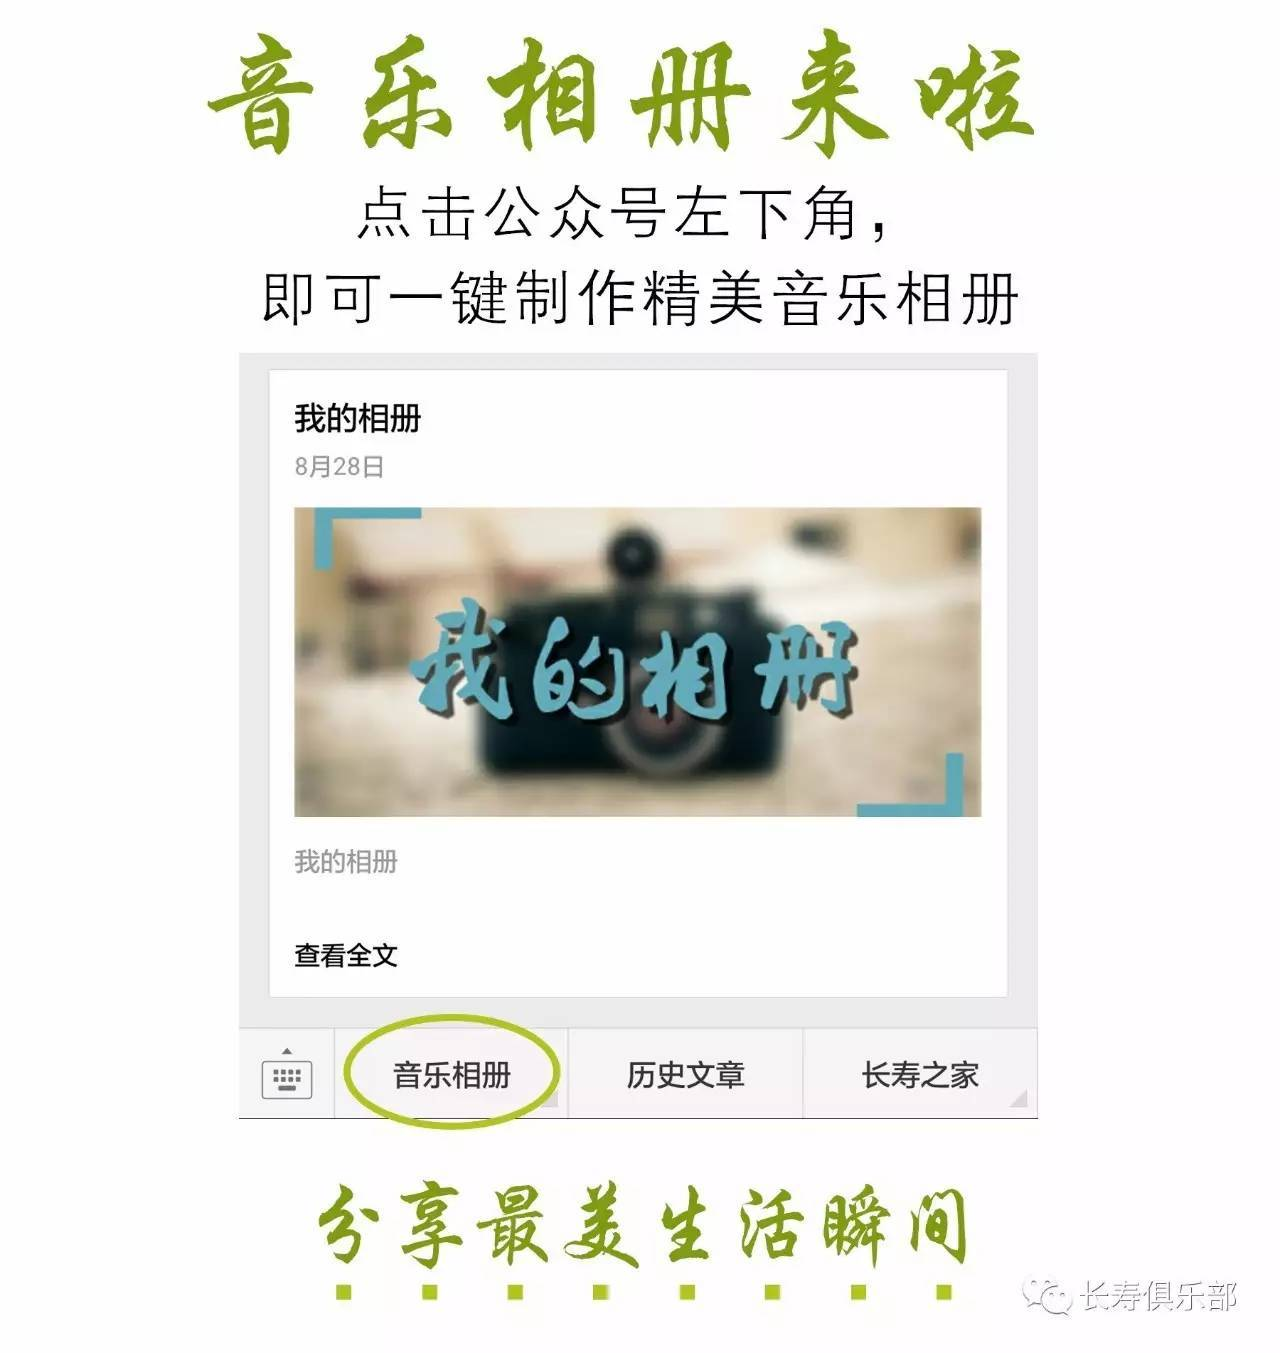 【区块链风云榜】金庆培: 区块链技术应用, 重塑产业格局